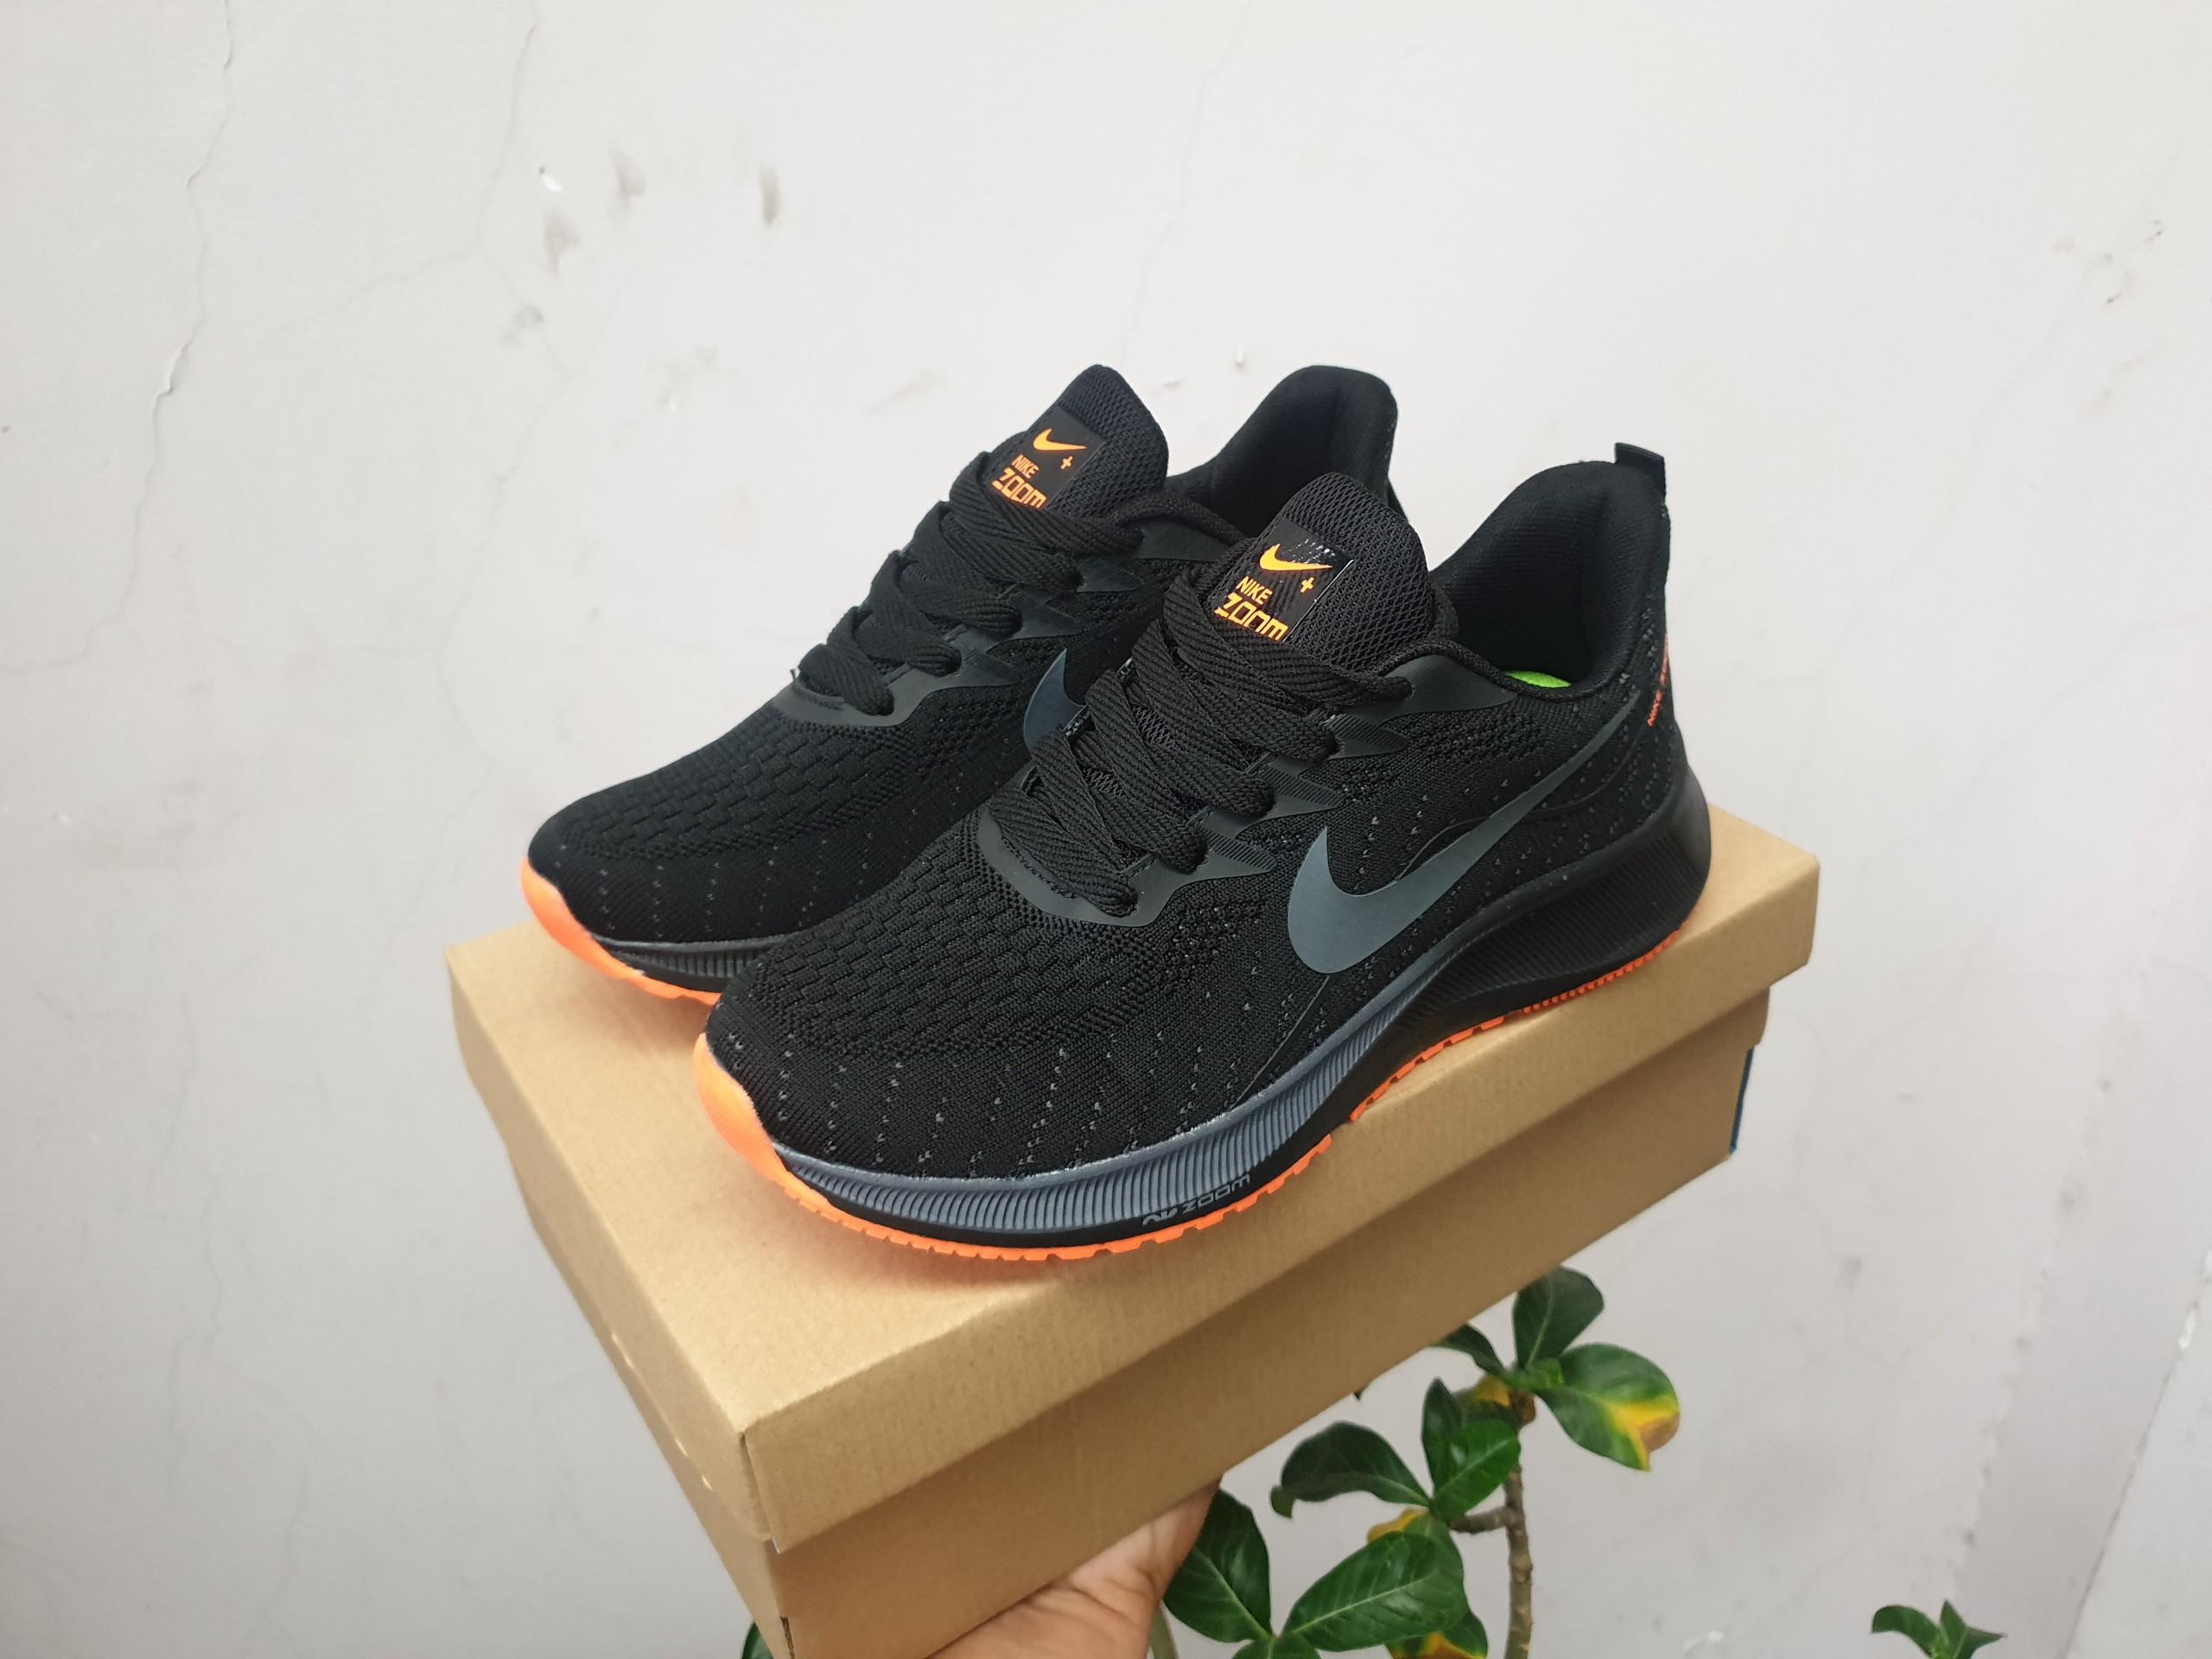 Giày Nike Zoom 1 đen full